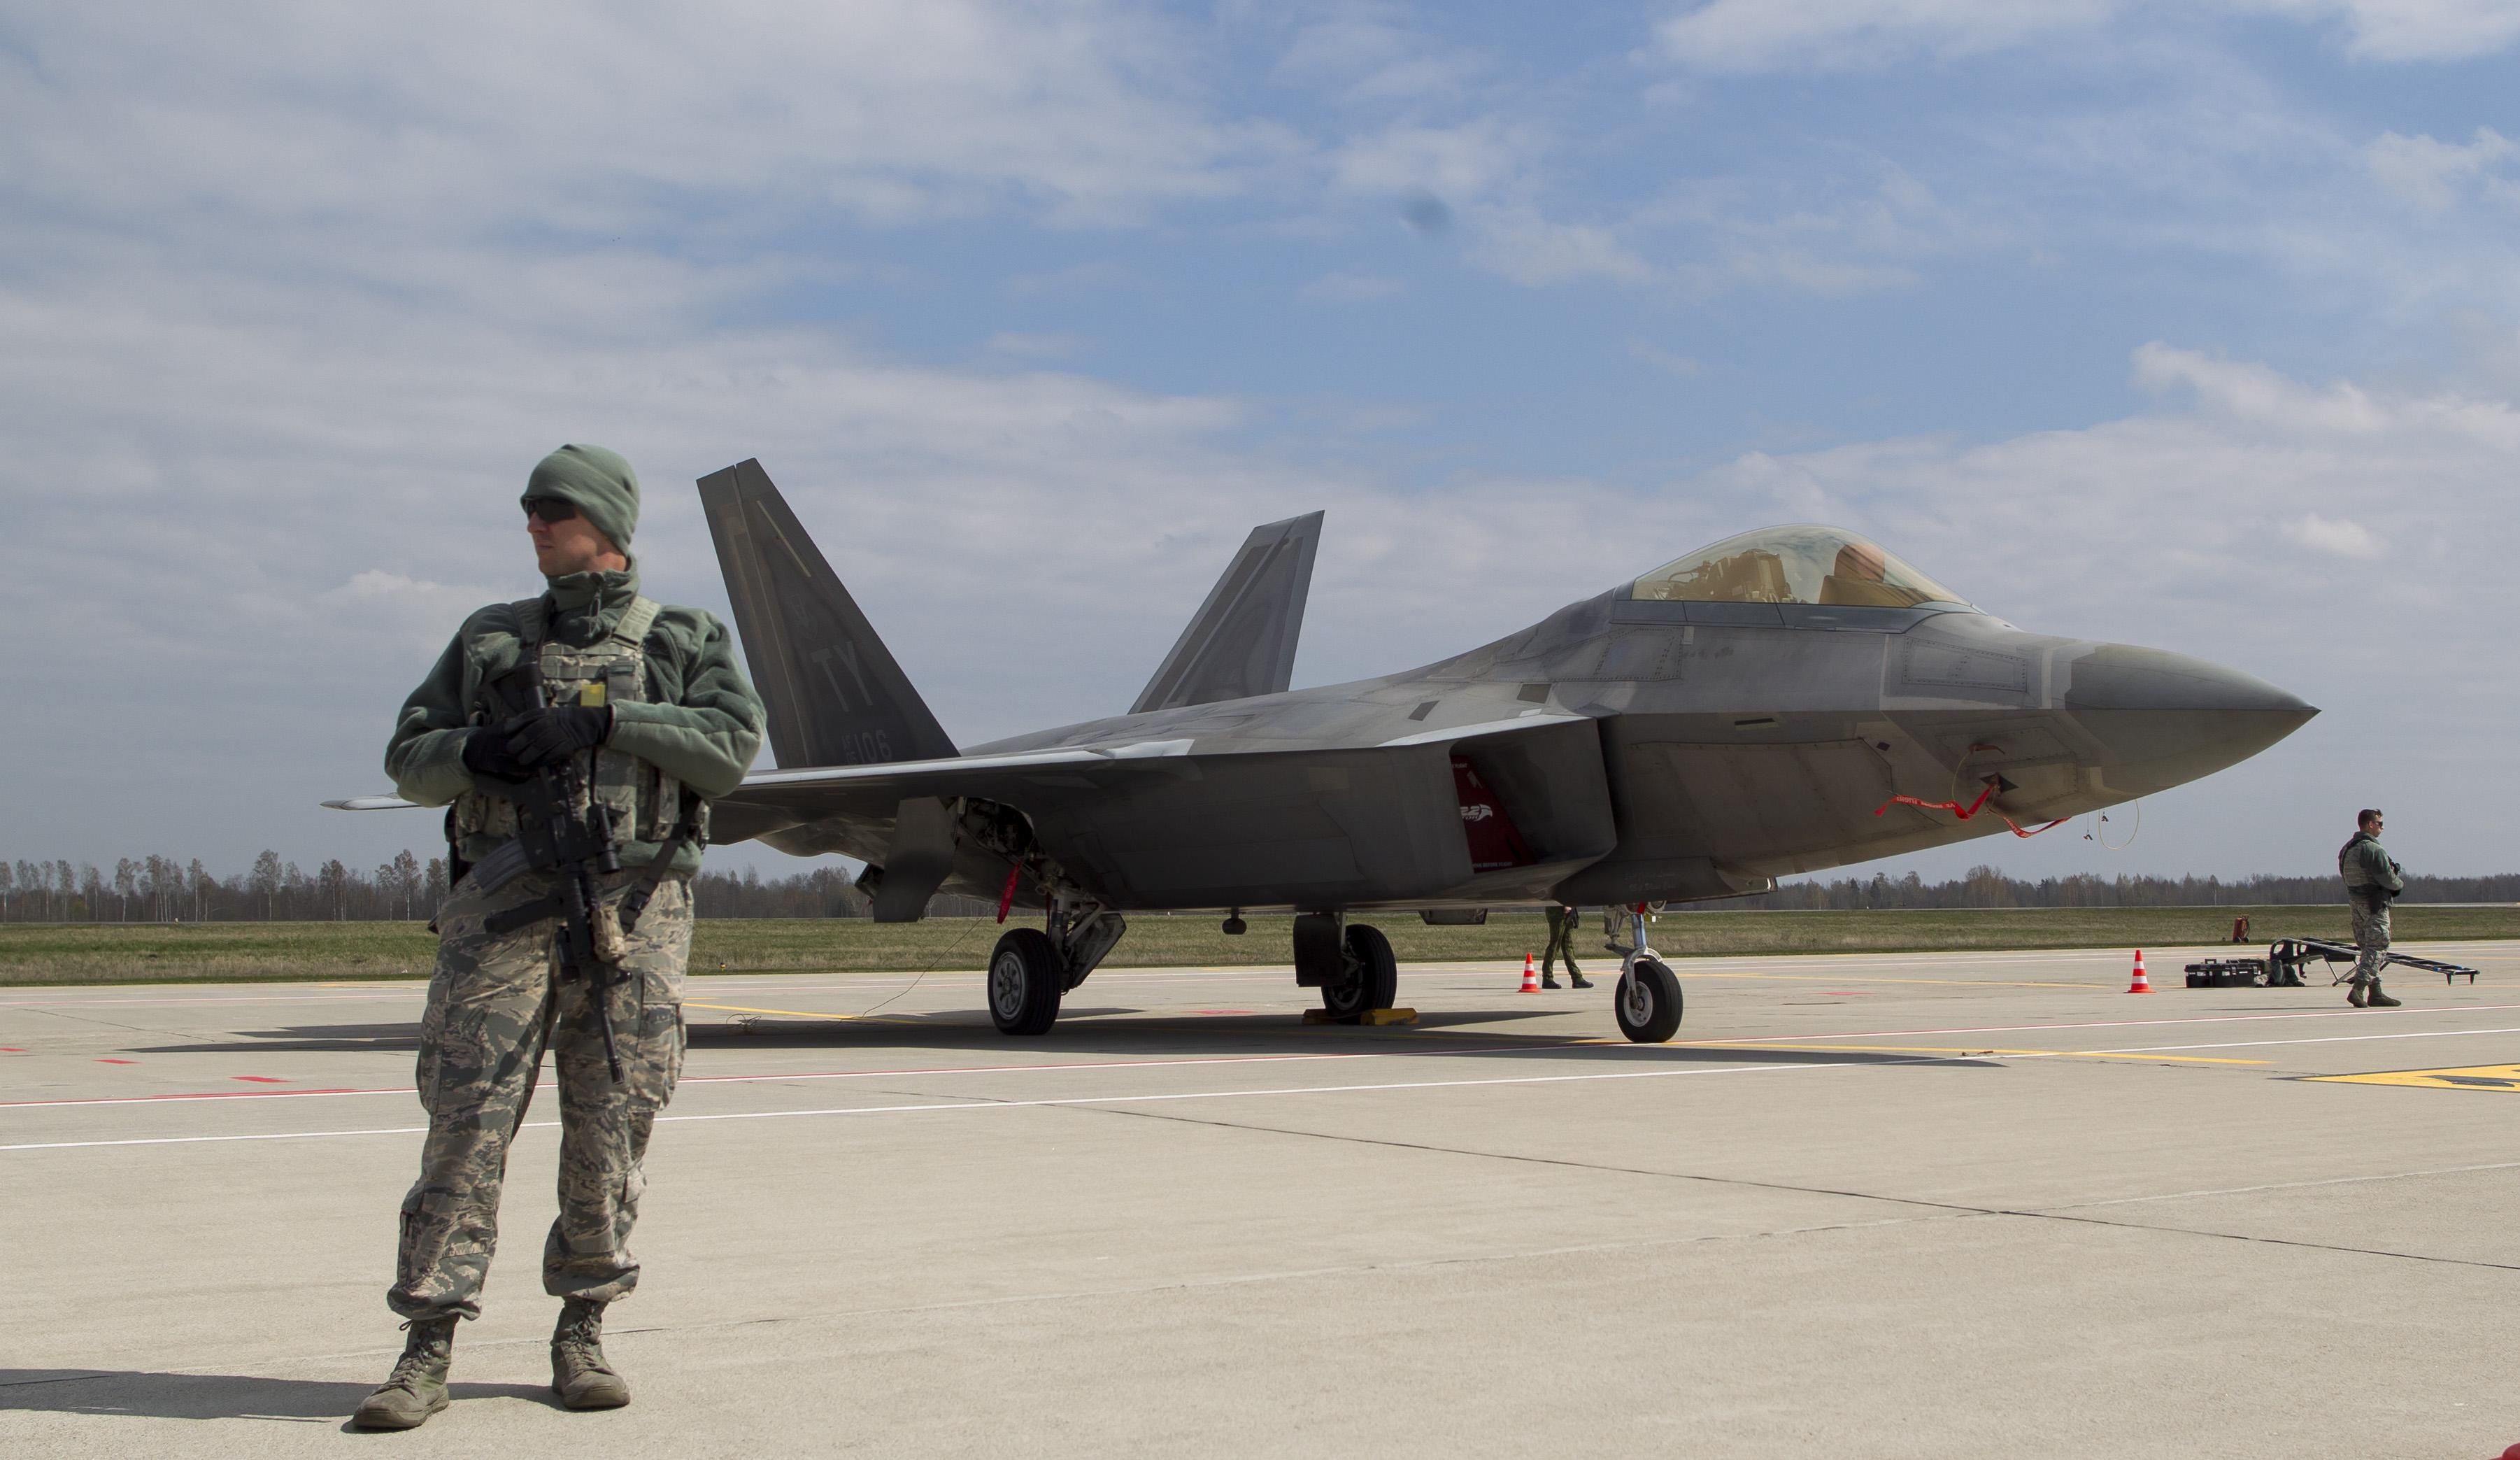 Мгновенно испарились: Пентагон сделал «бравое» заявление о российский Су-57 в Сирии, но факты говорят об обратном